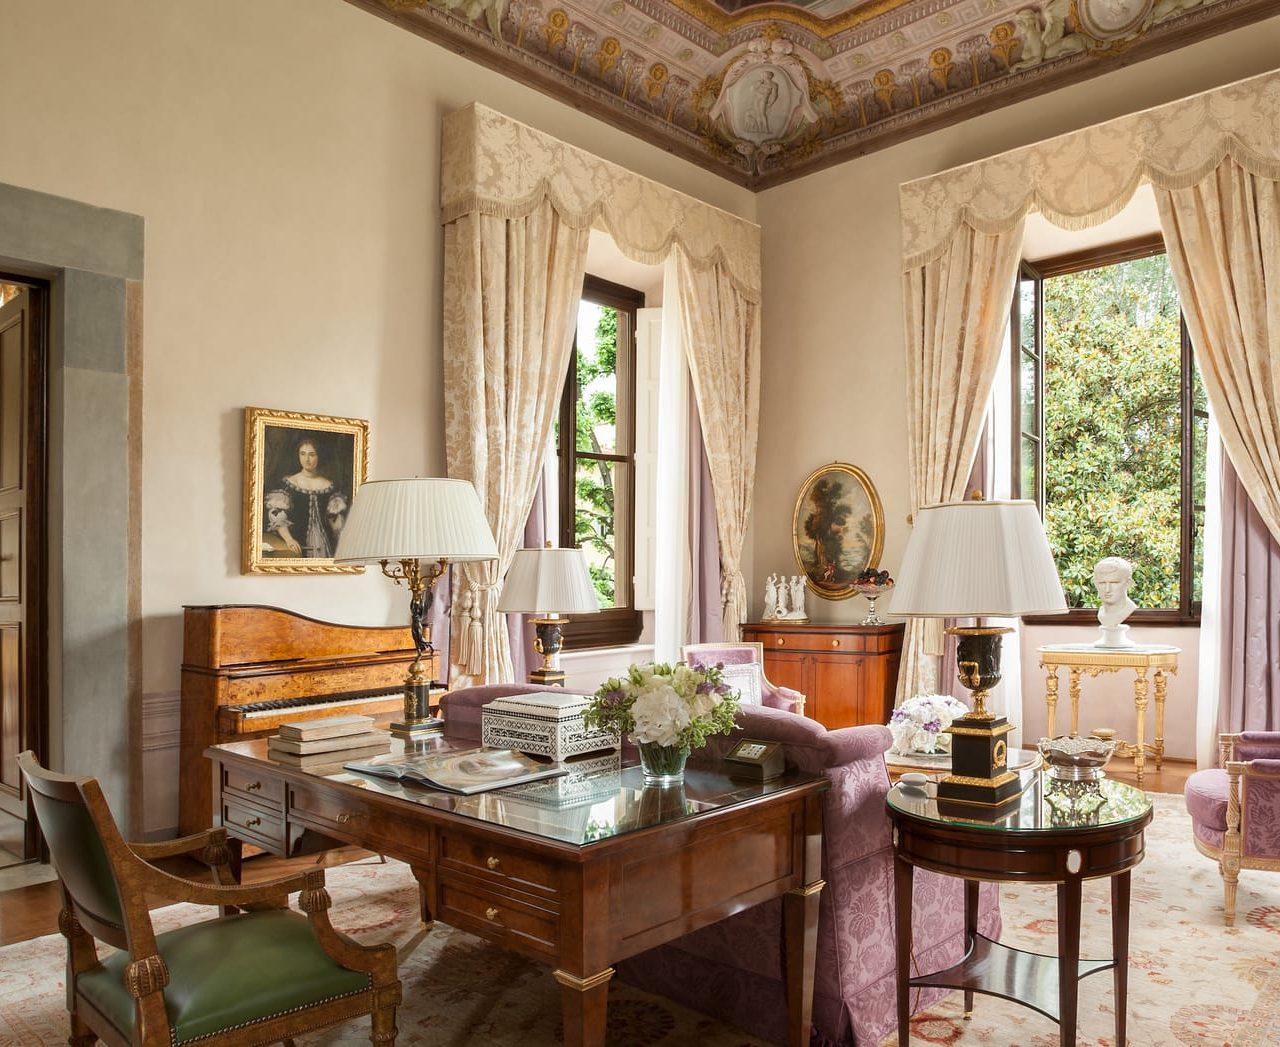 Four Seasons Hotel Firenze: El encanto hecho realidad para tu luna de miel en Italia